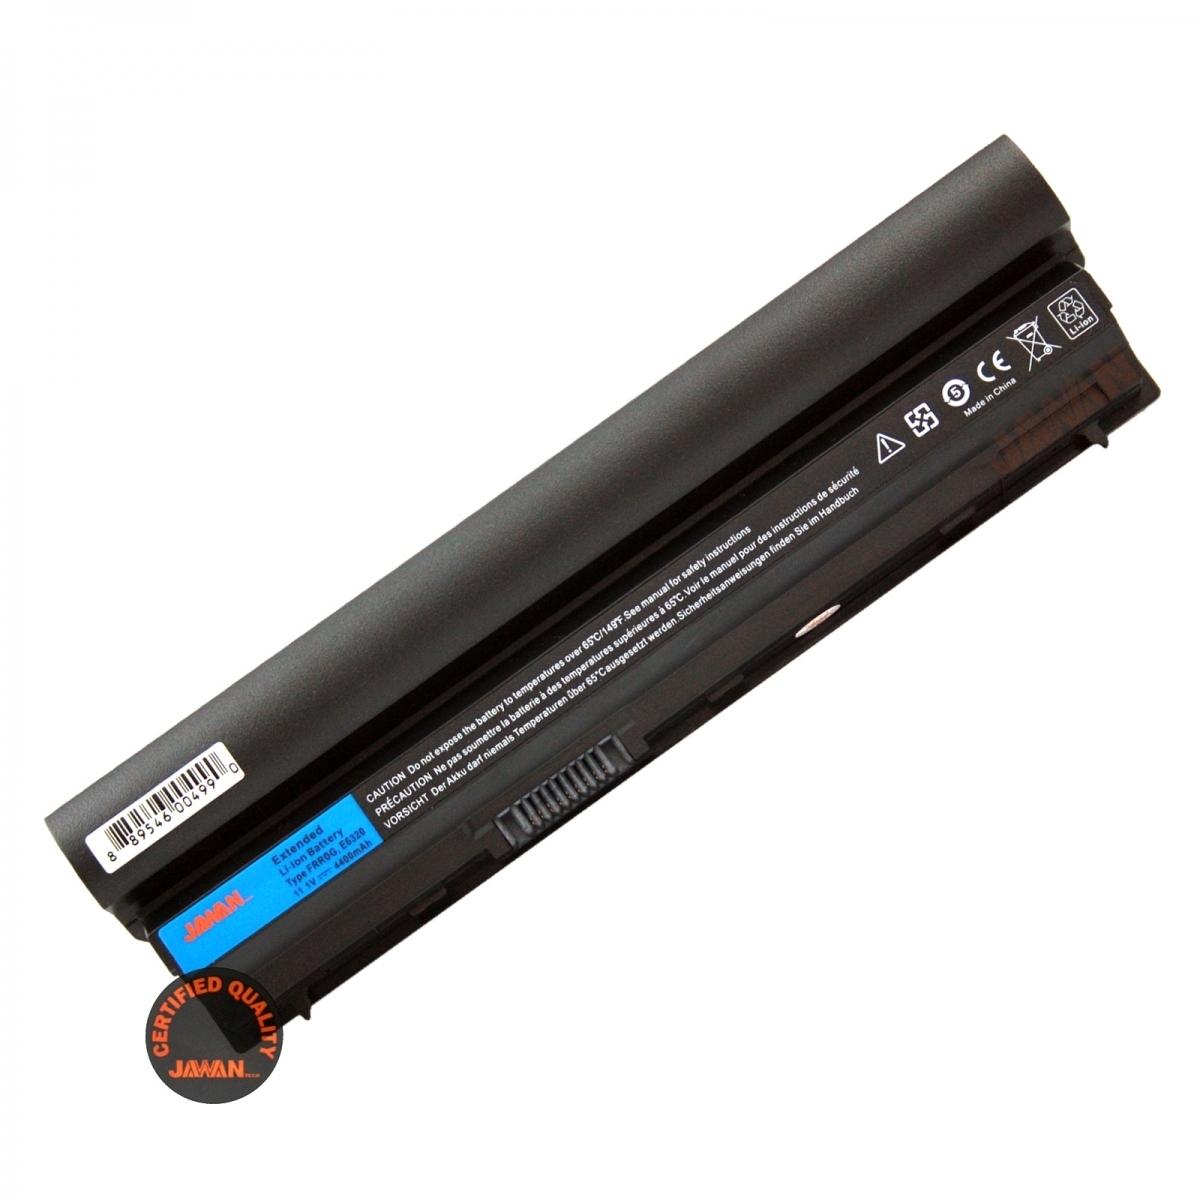 Bateria dell latitude e6320 webcam